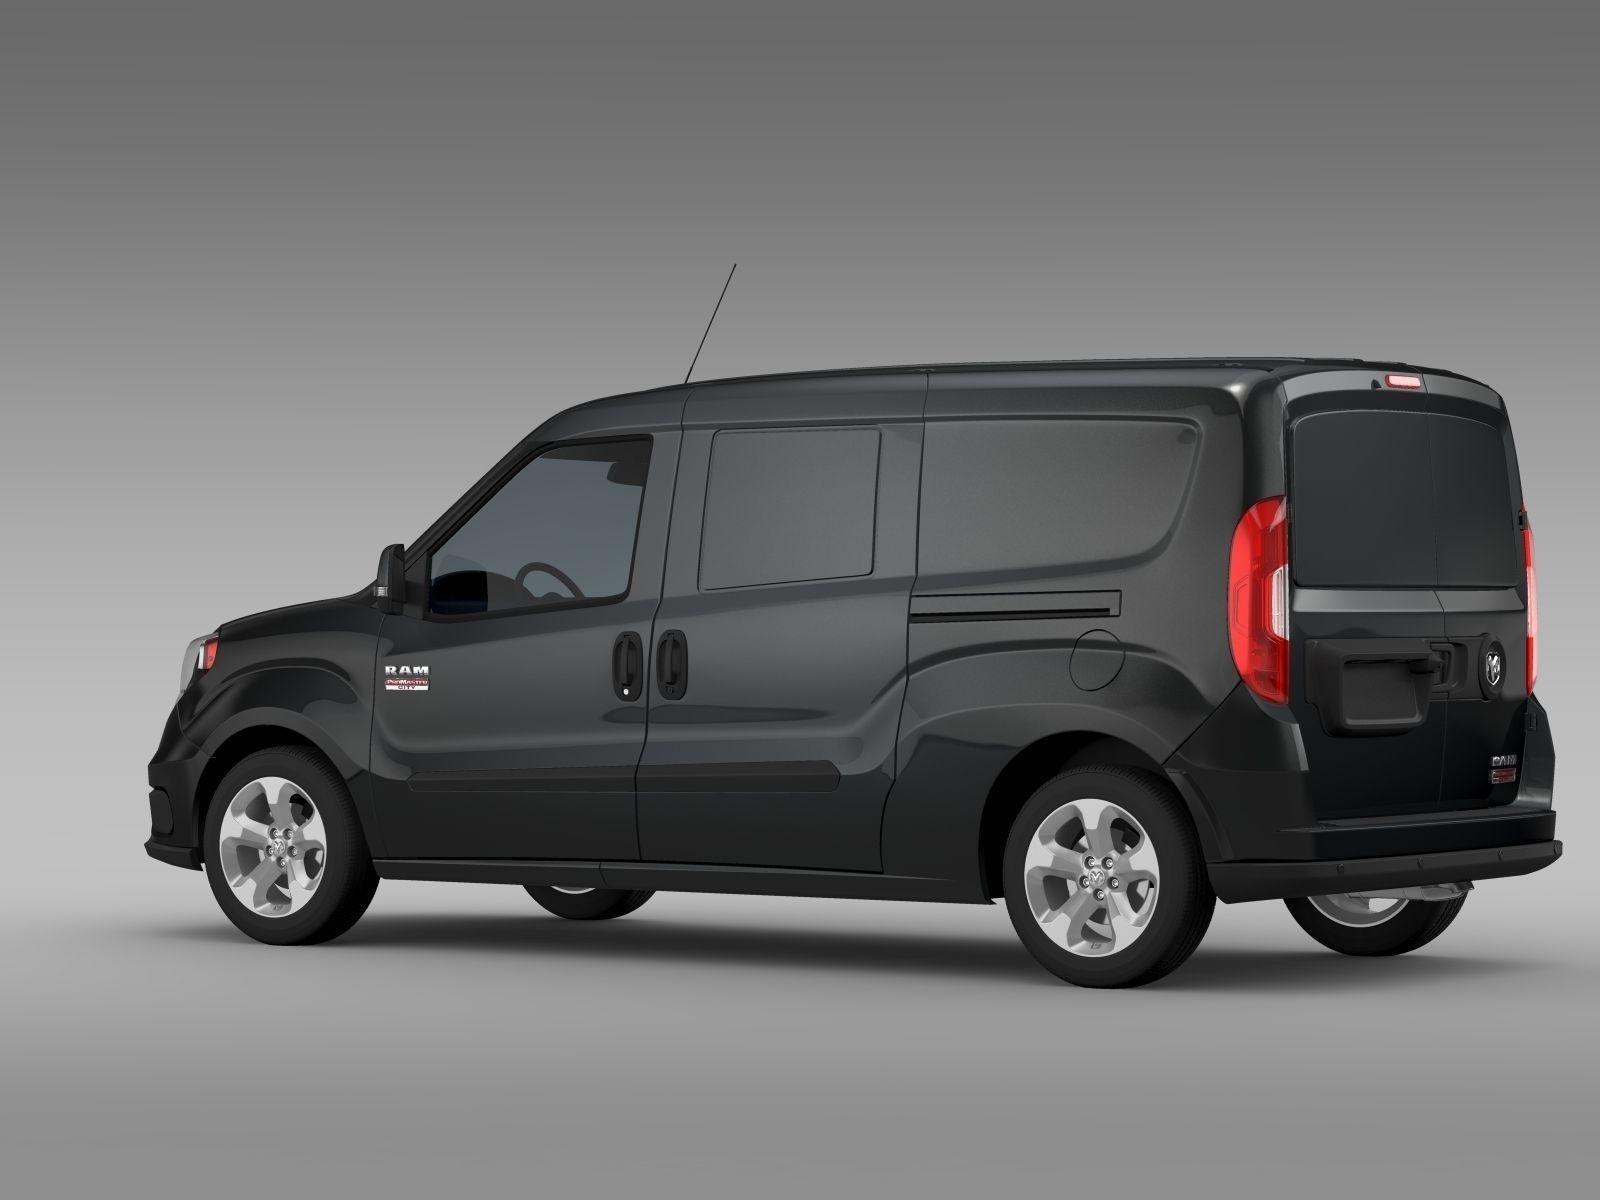 Ram Promaster City Tradesman Slt Cargo Van 2017 Model Max Obj Mtl S Fbx C4d